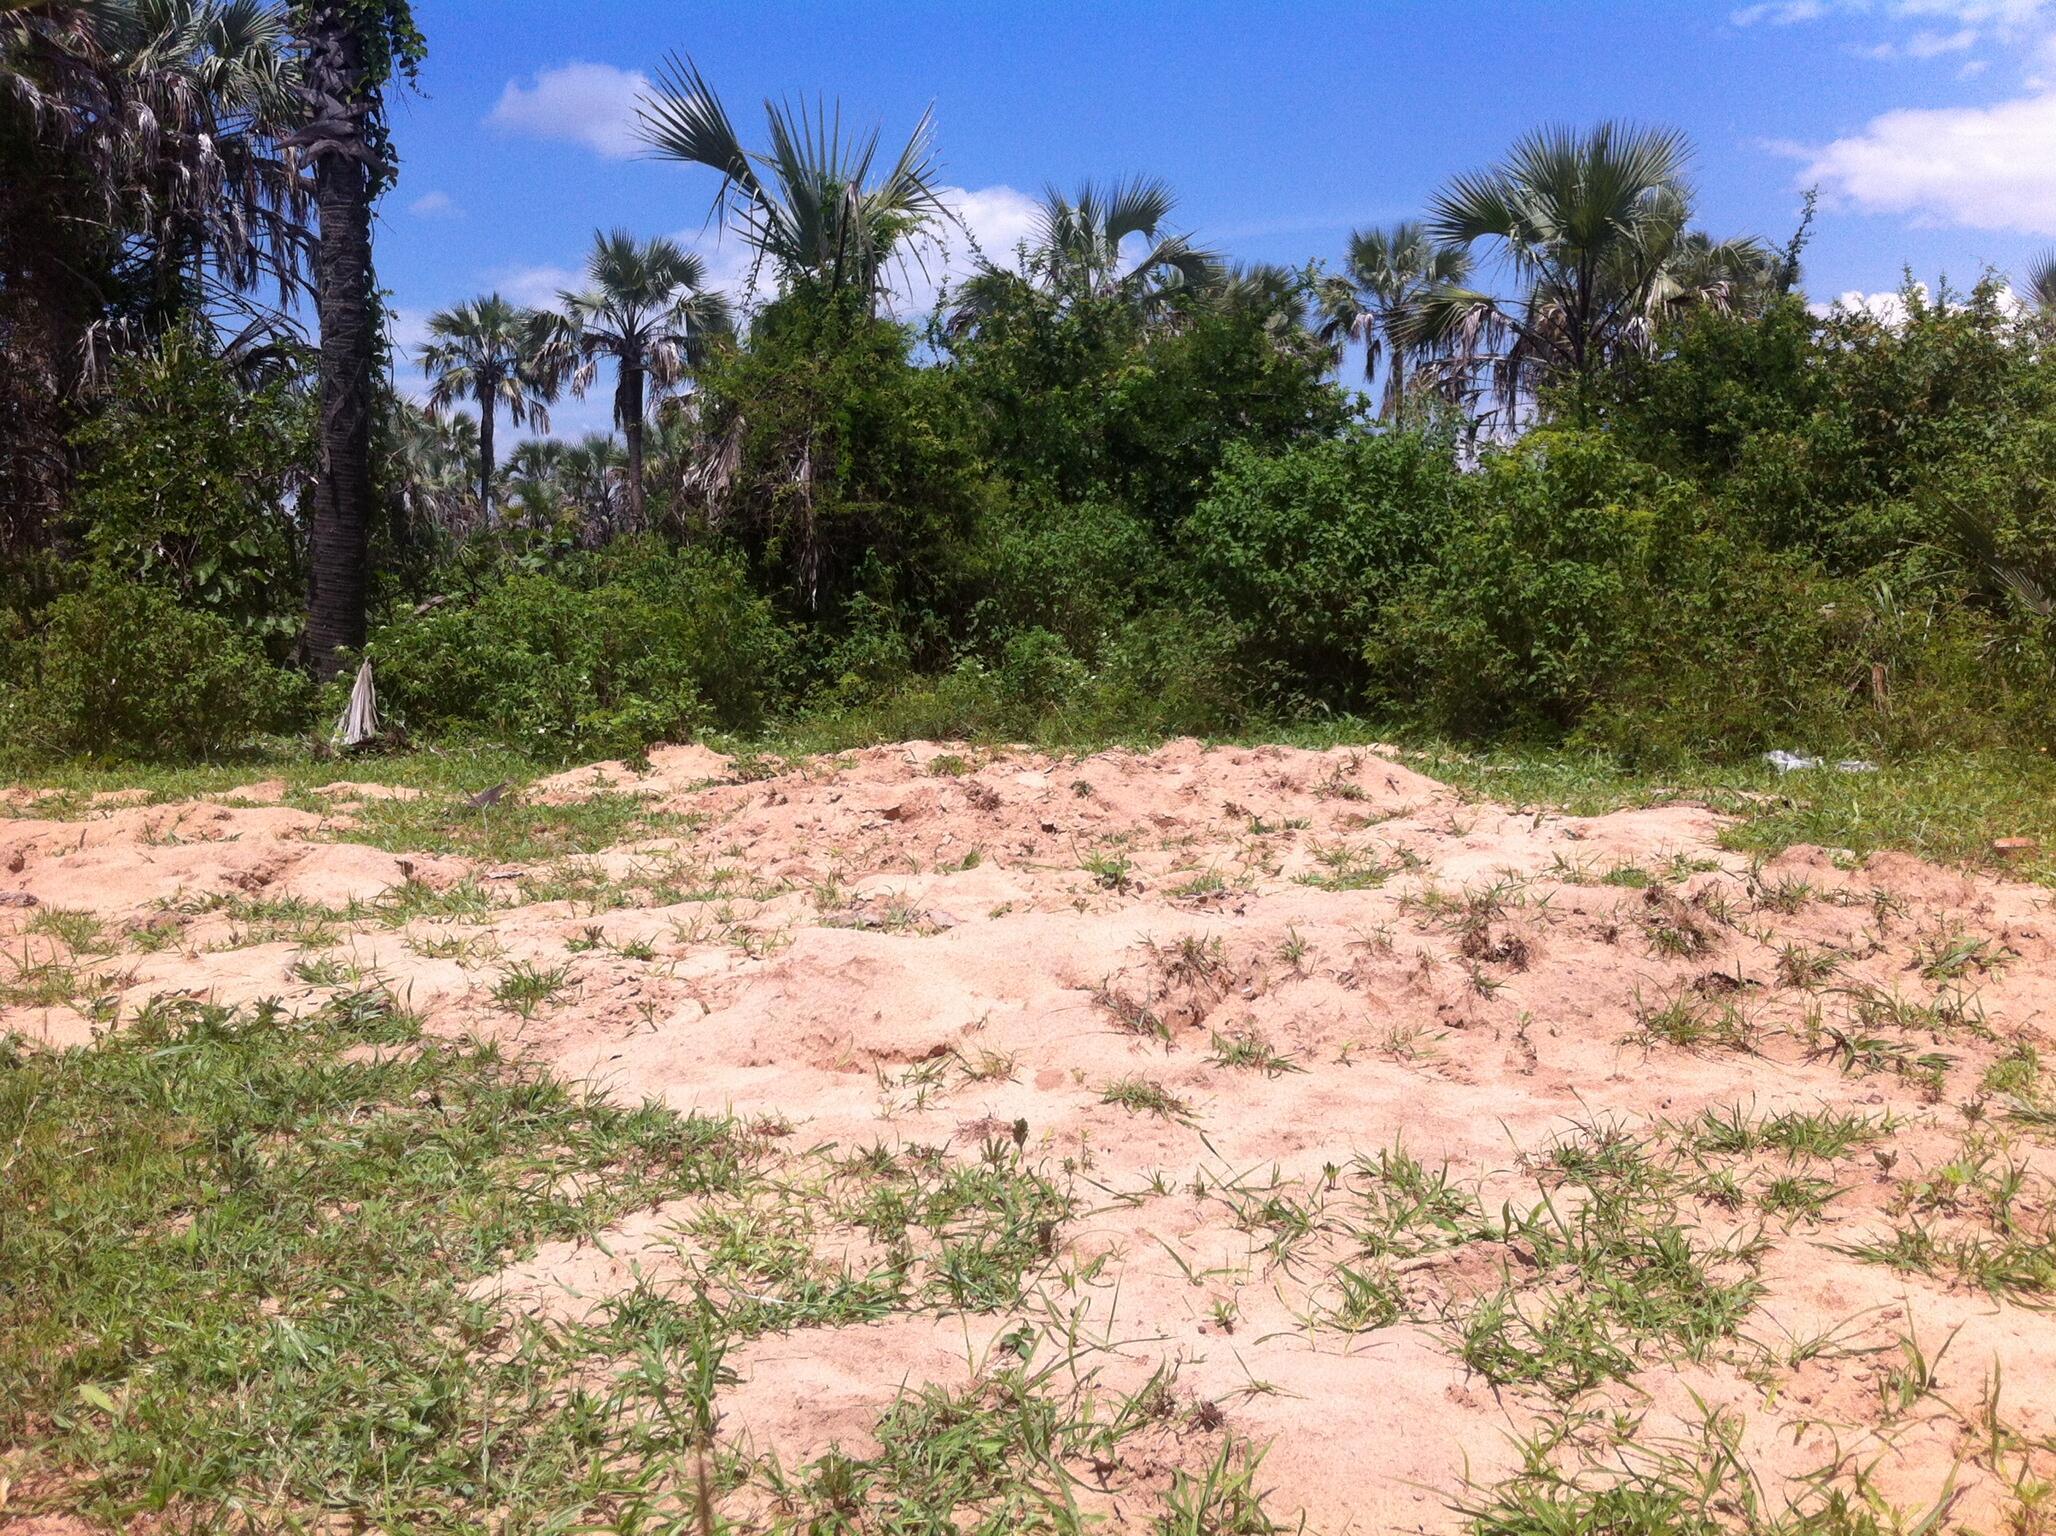 Une fosse commune présumée située en lisière de forêt, non loin du cimetière de Mpanda où des témoins disent avoir vu quinze corps de militaires et de civils enterrés par des policiers, dans la foulée des attaques du 11 décembre.